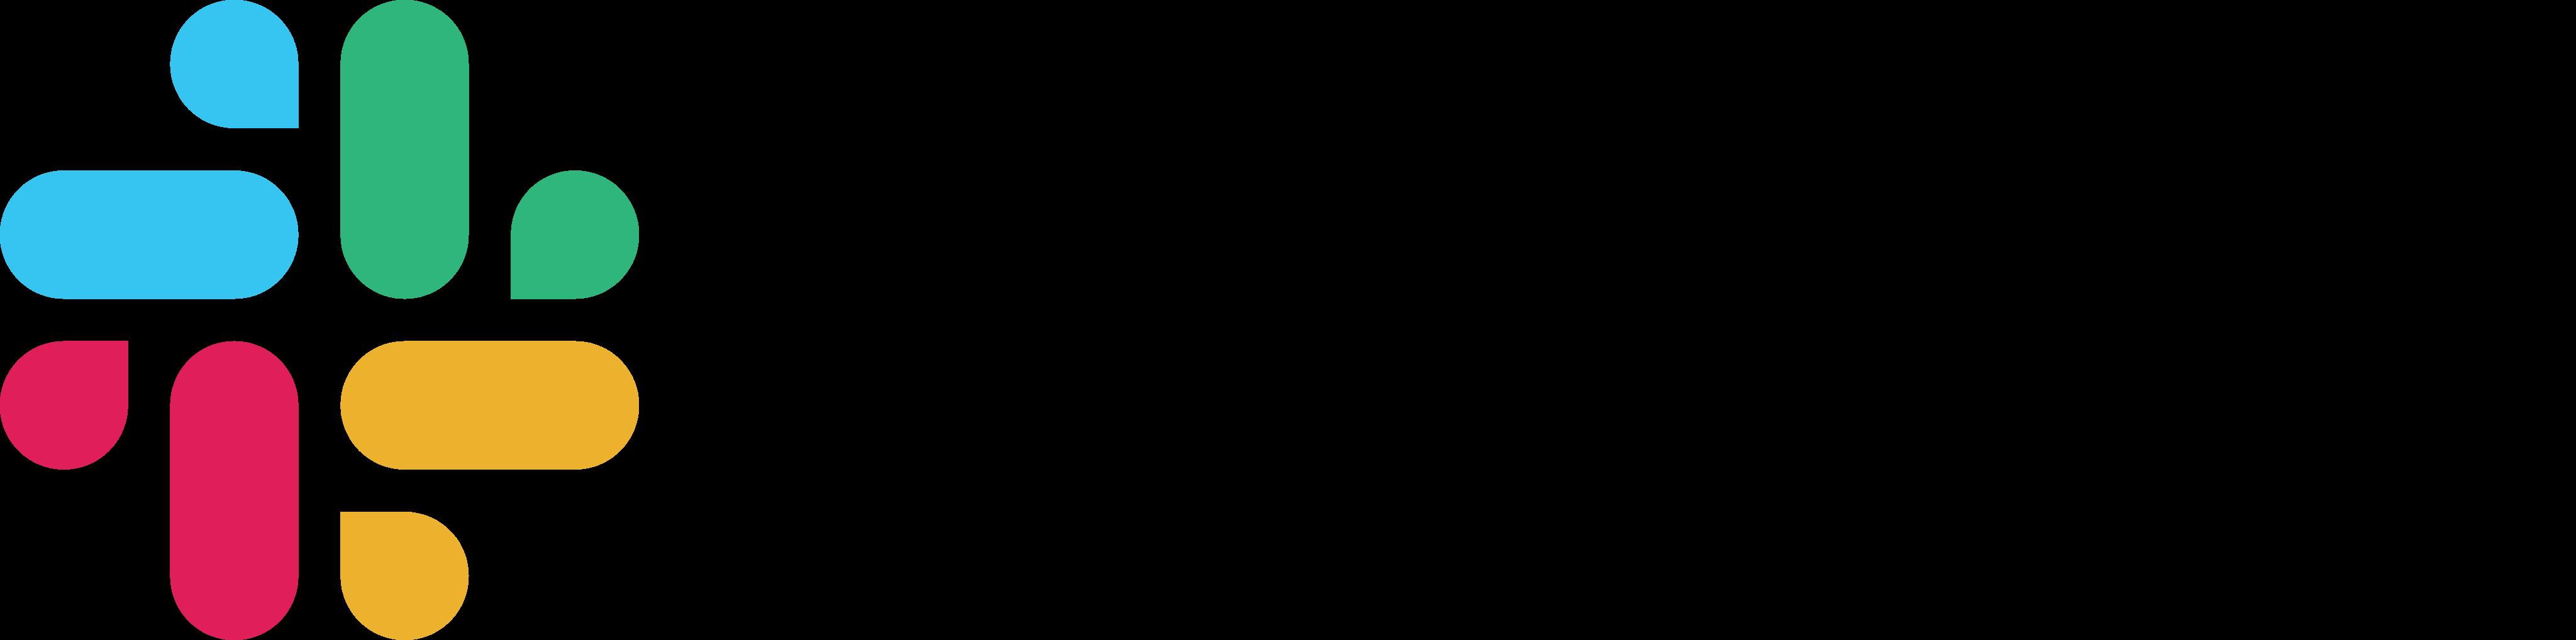 Resultado de imagen de slack logo png